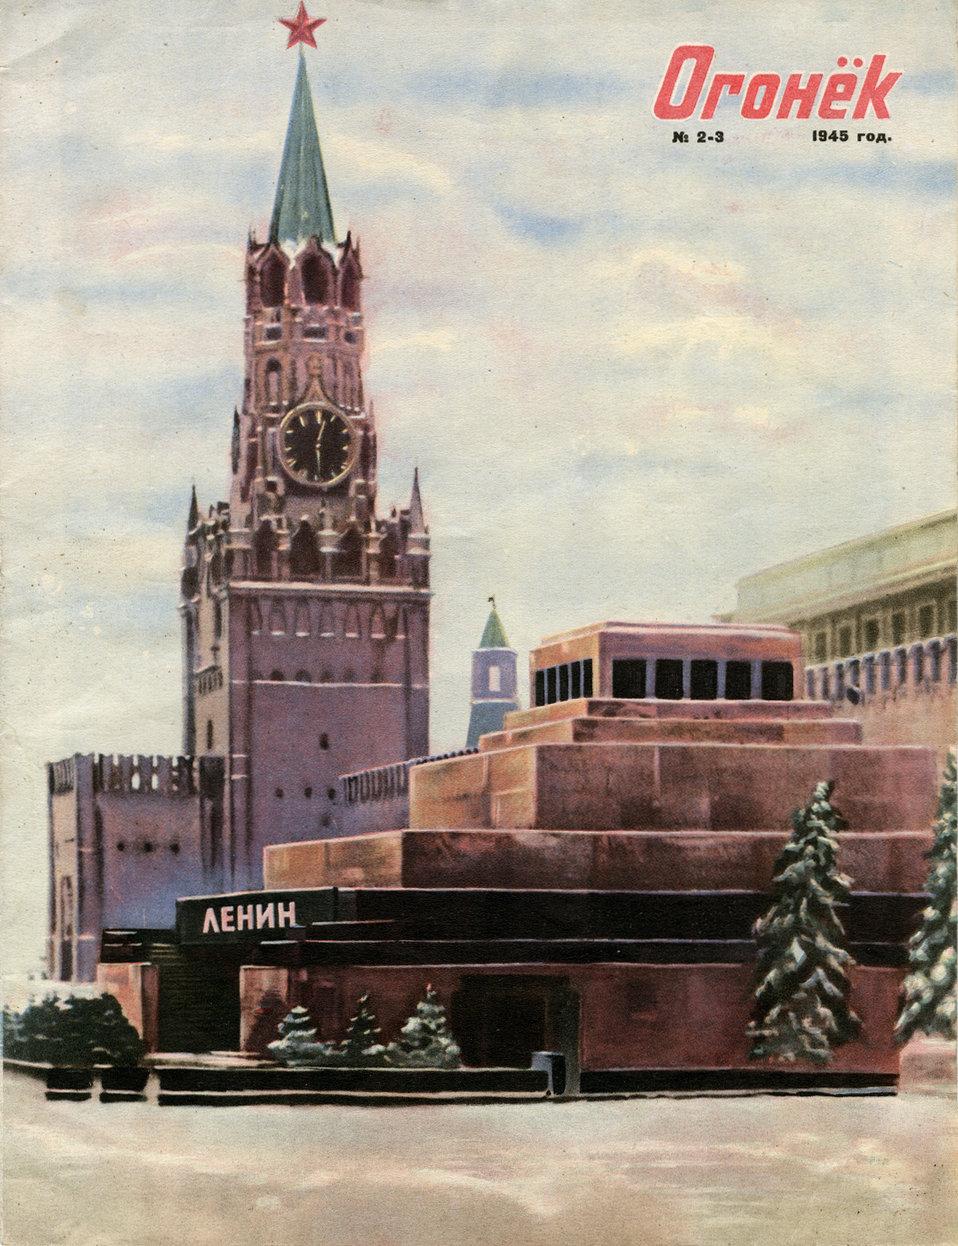 Огонёк № 2–3 1945 / 1